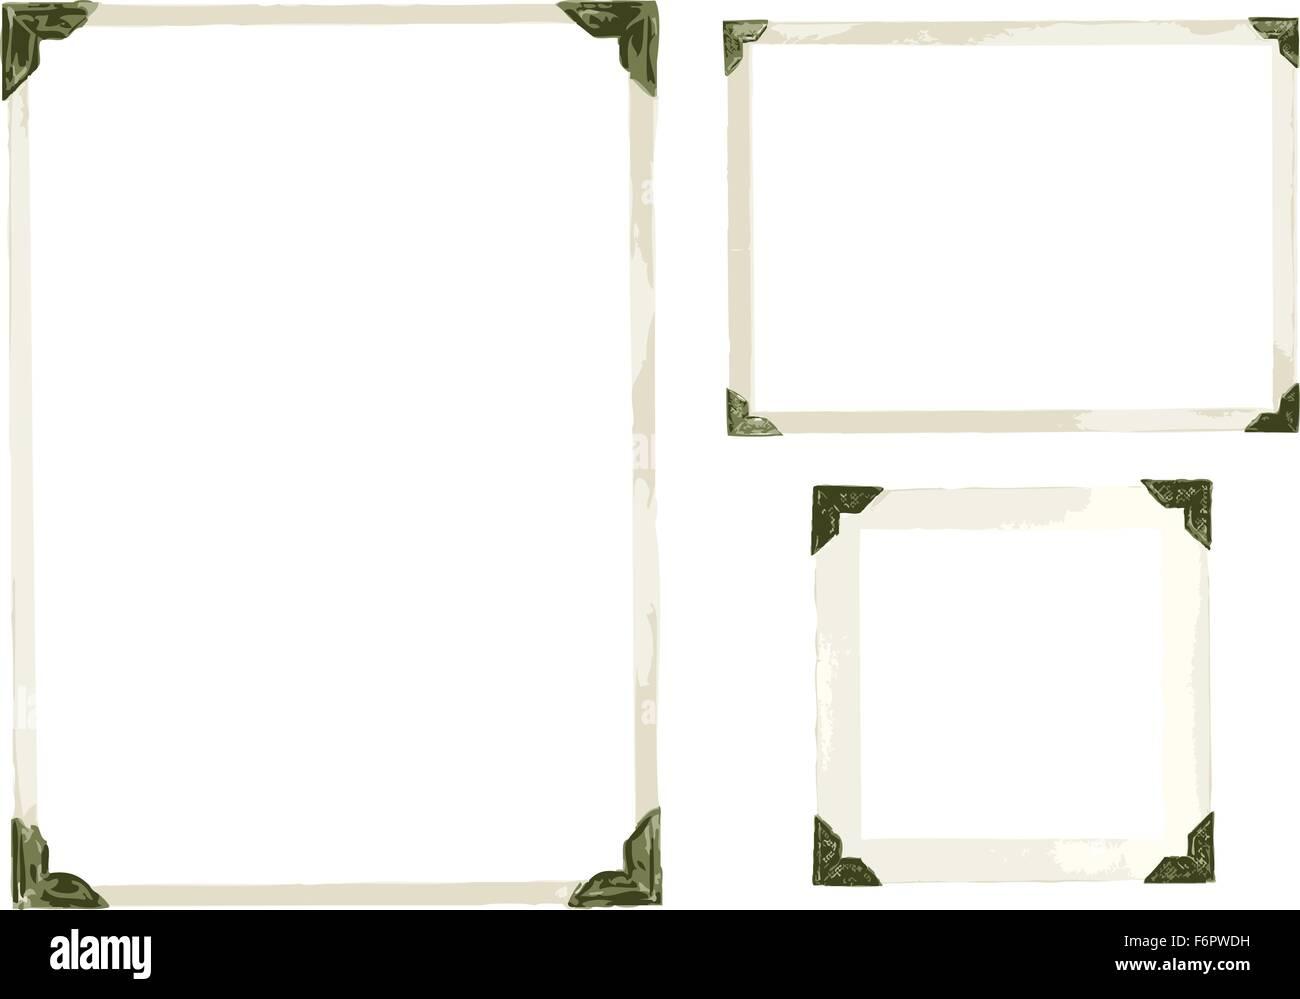 Sammlung von alten Foto-Ecken, Rahmen und Ränder in Vektor isoliert ...